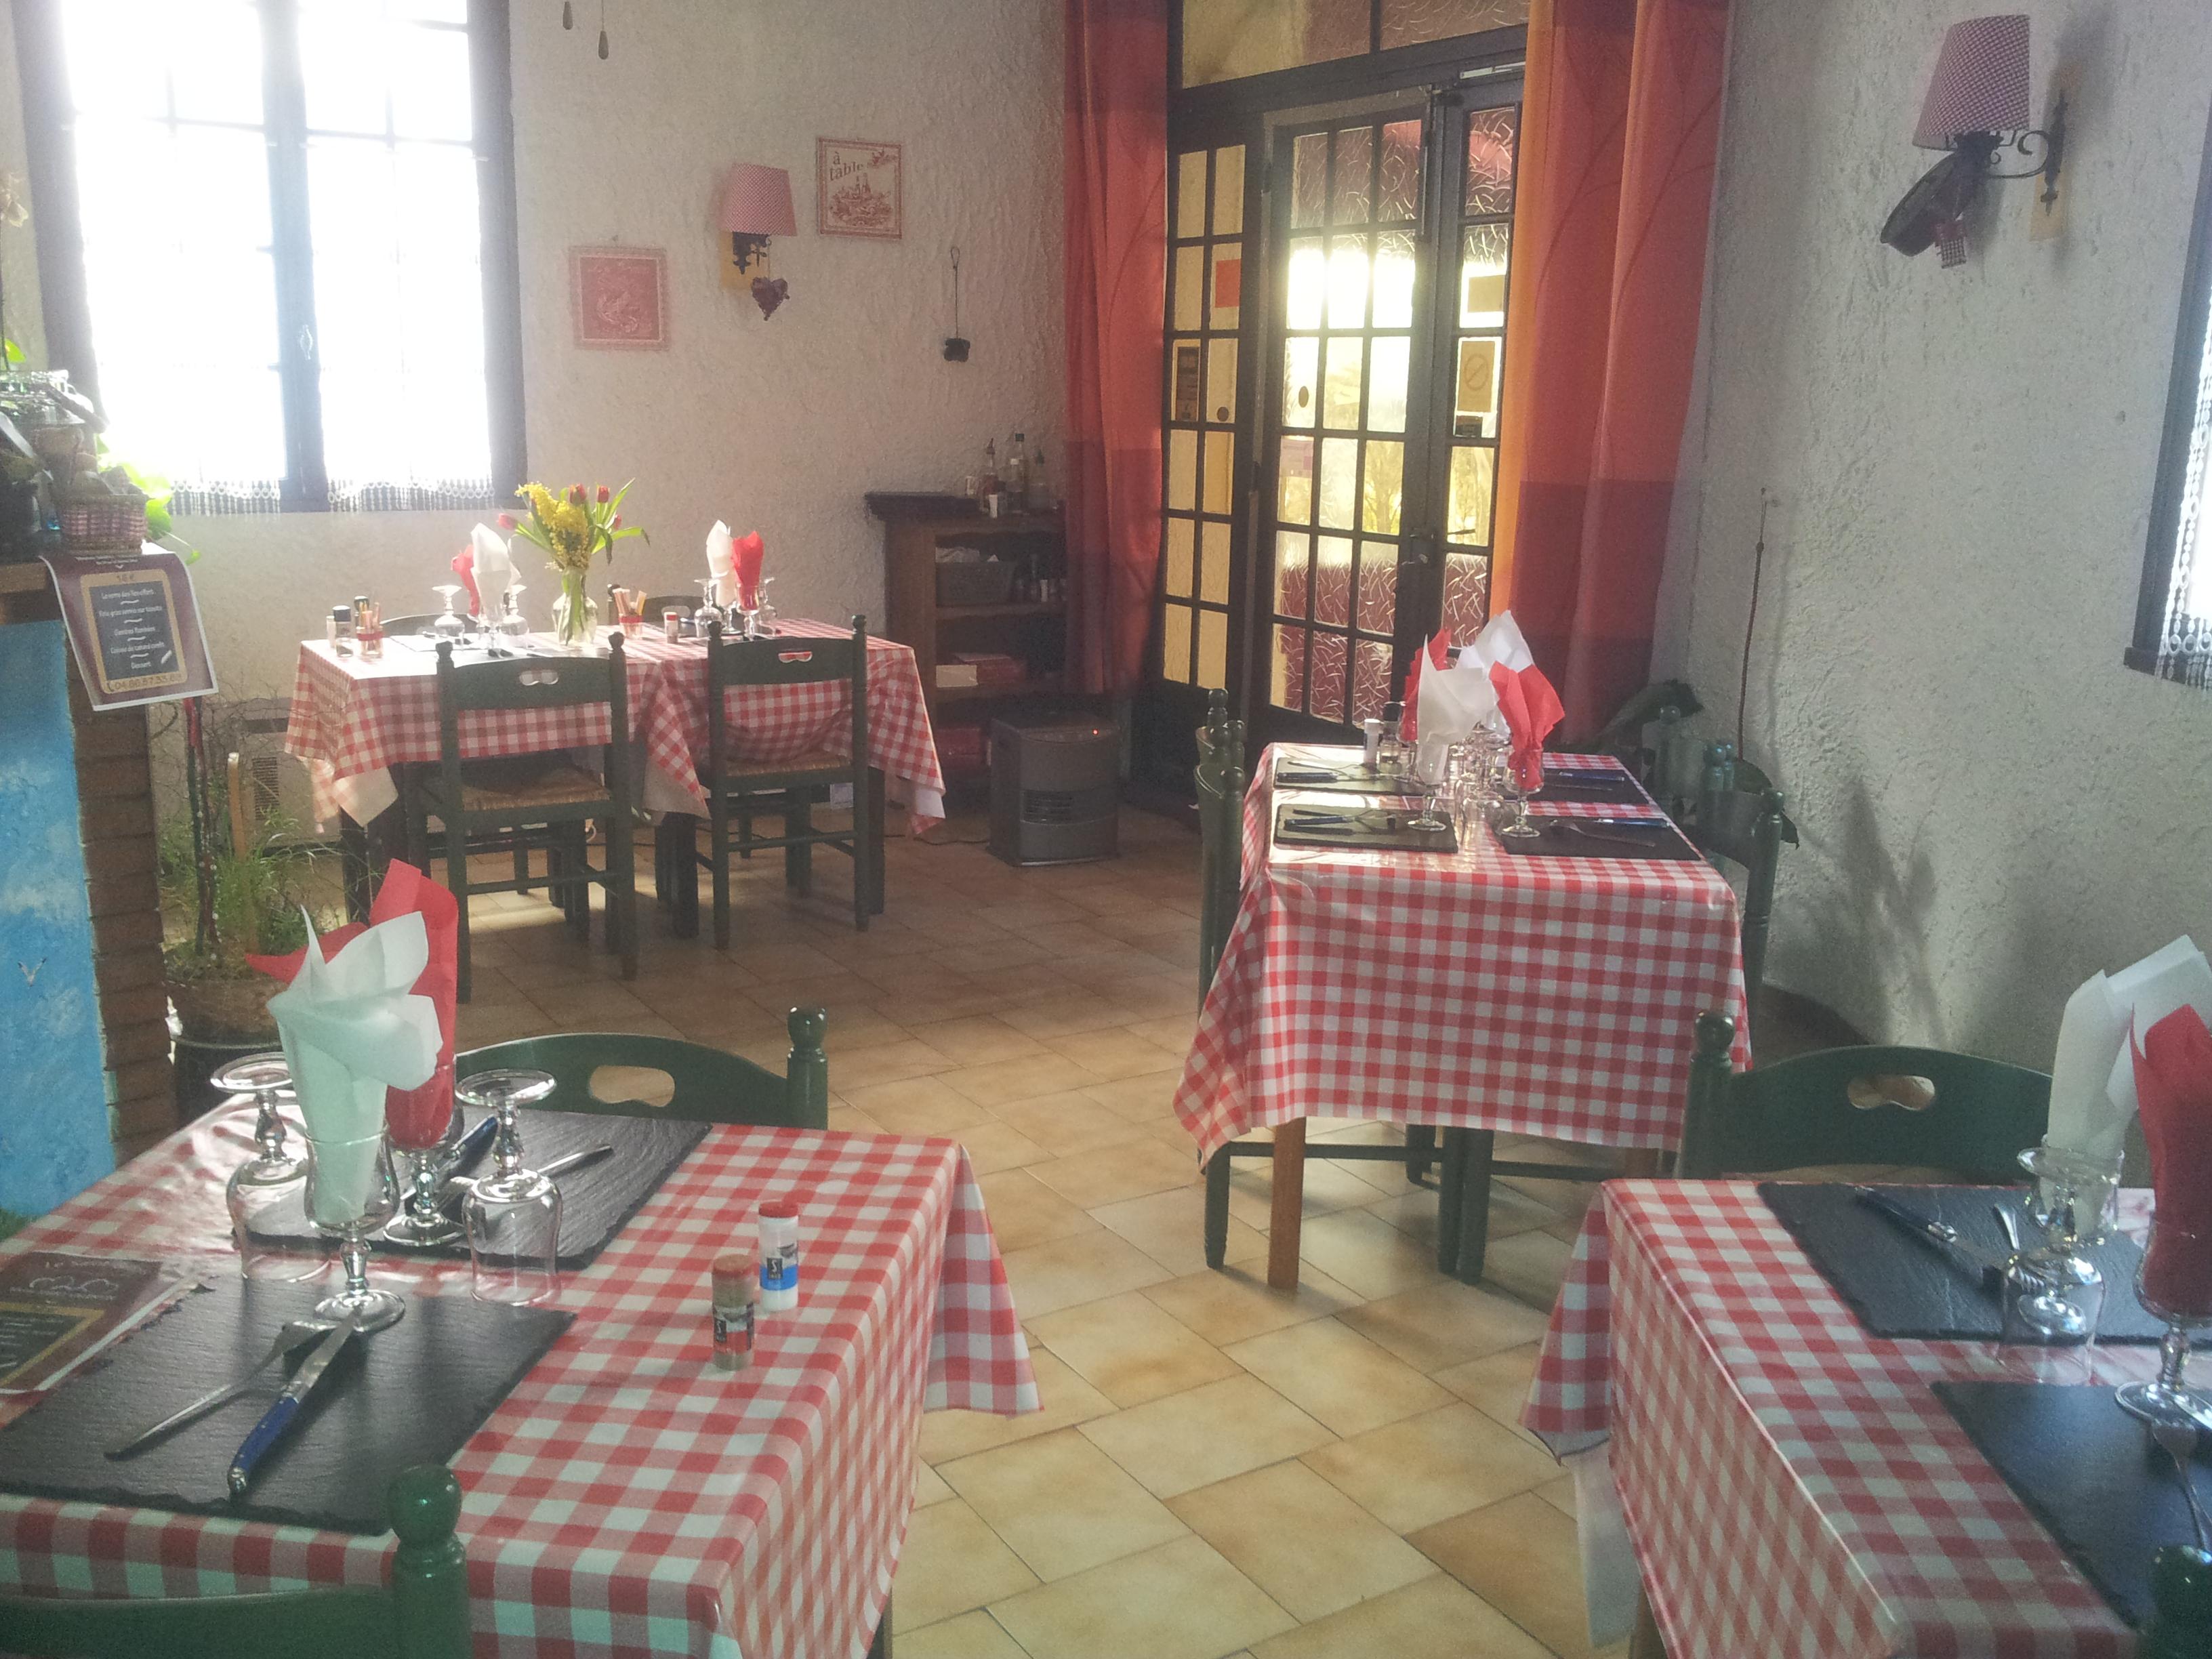 Crªperie Bar La Belle Vie Saint Gilles Croix de Vie